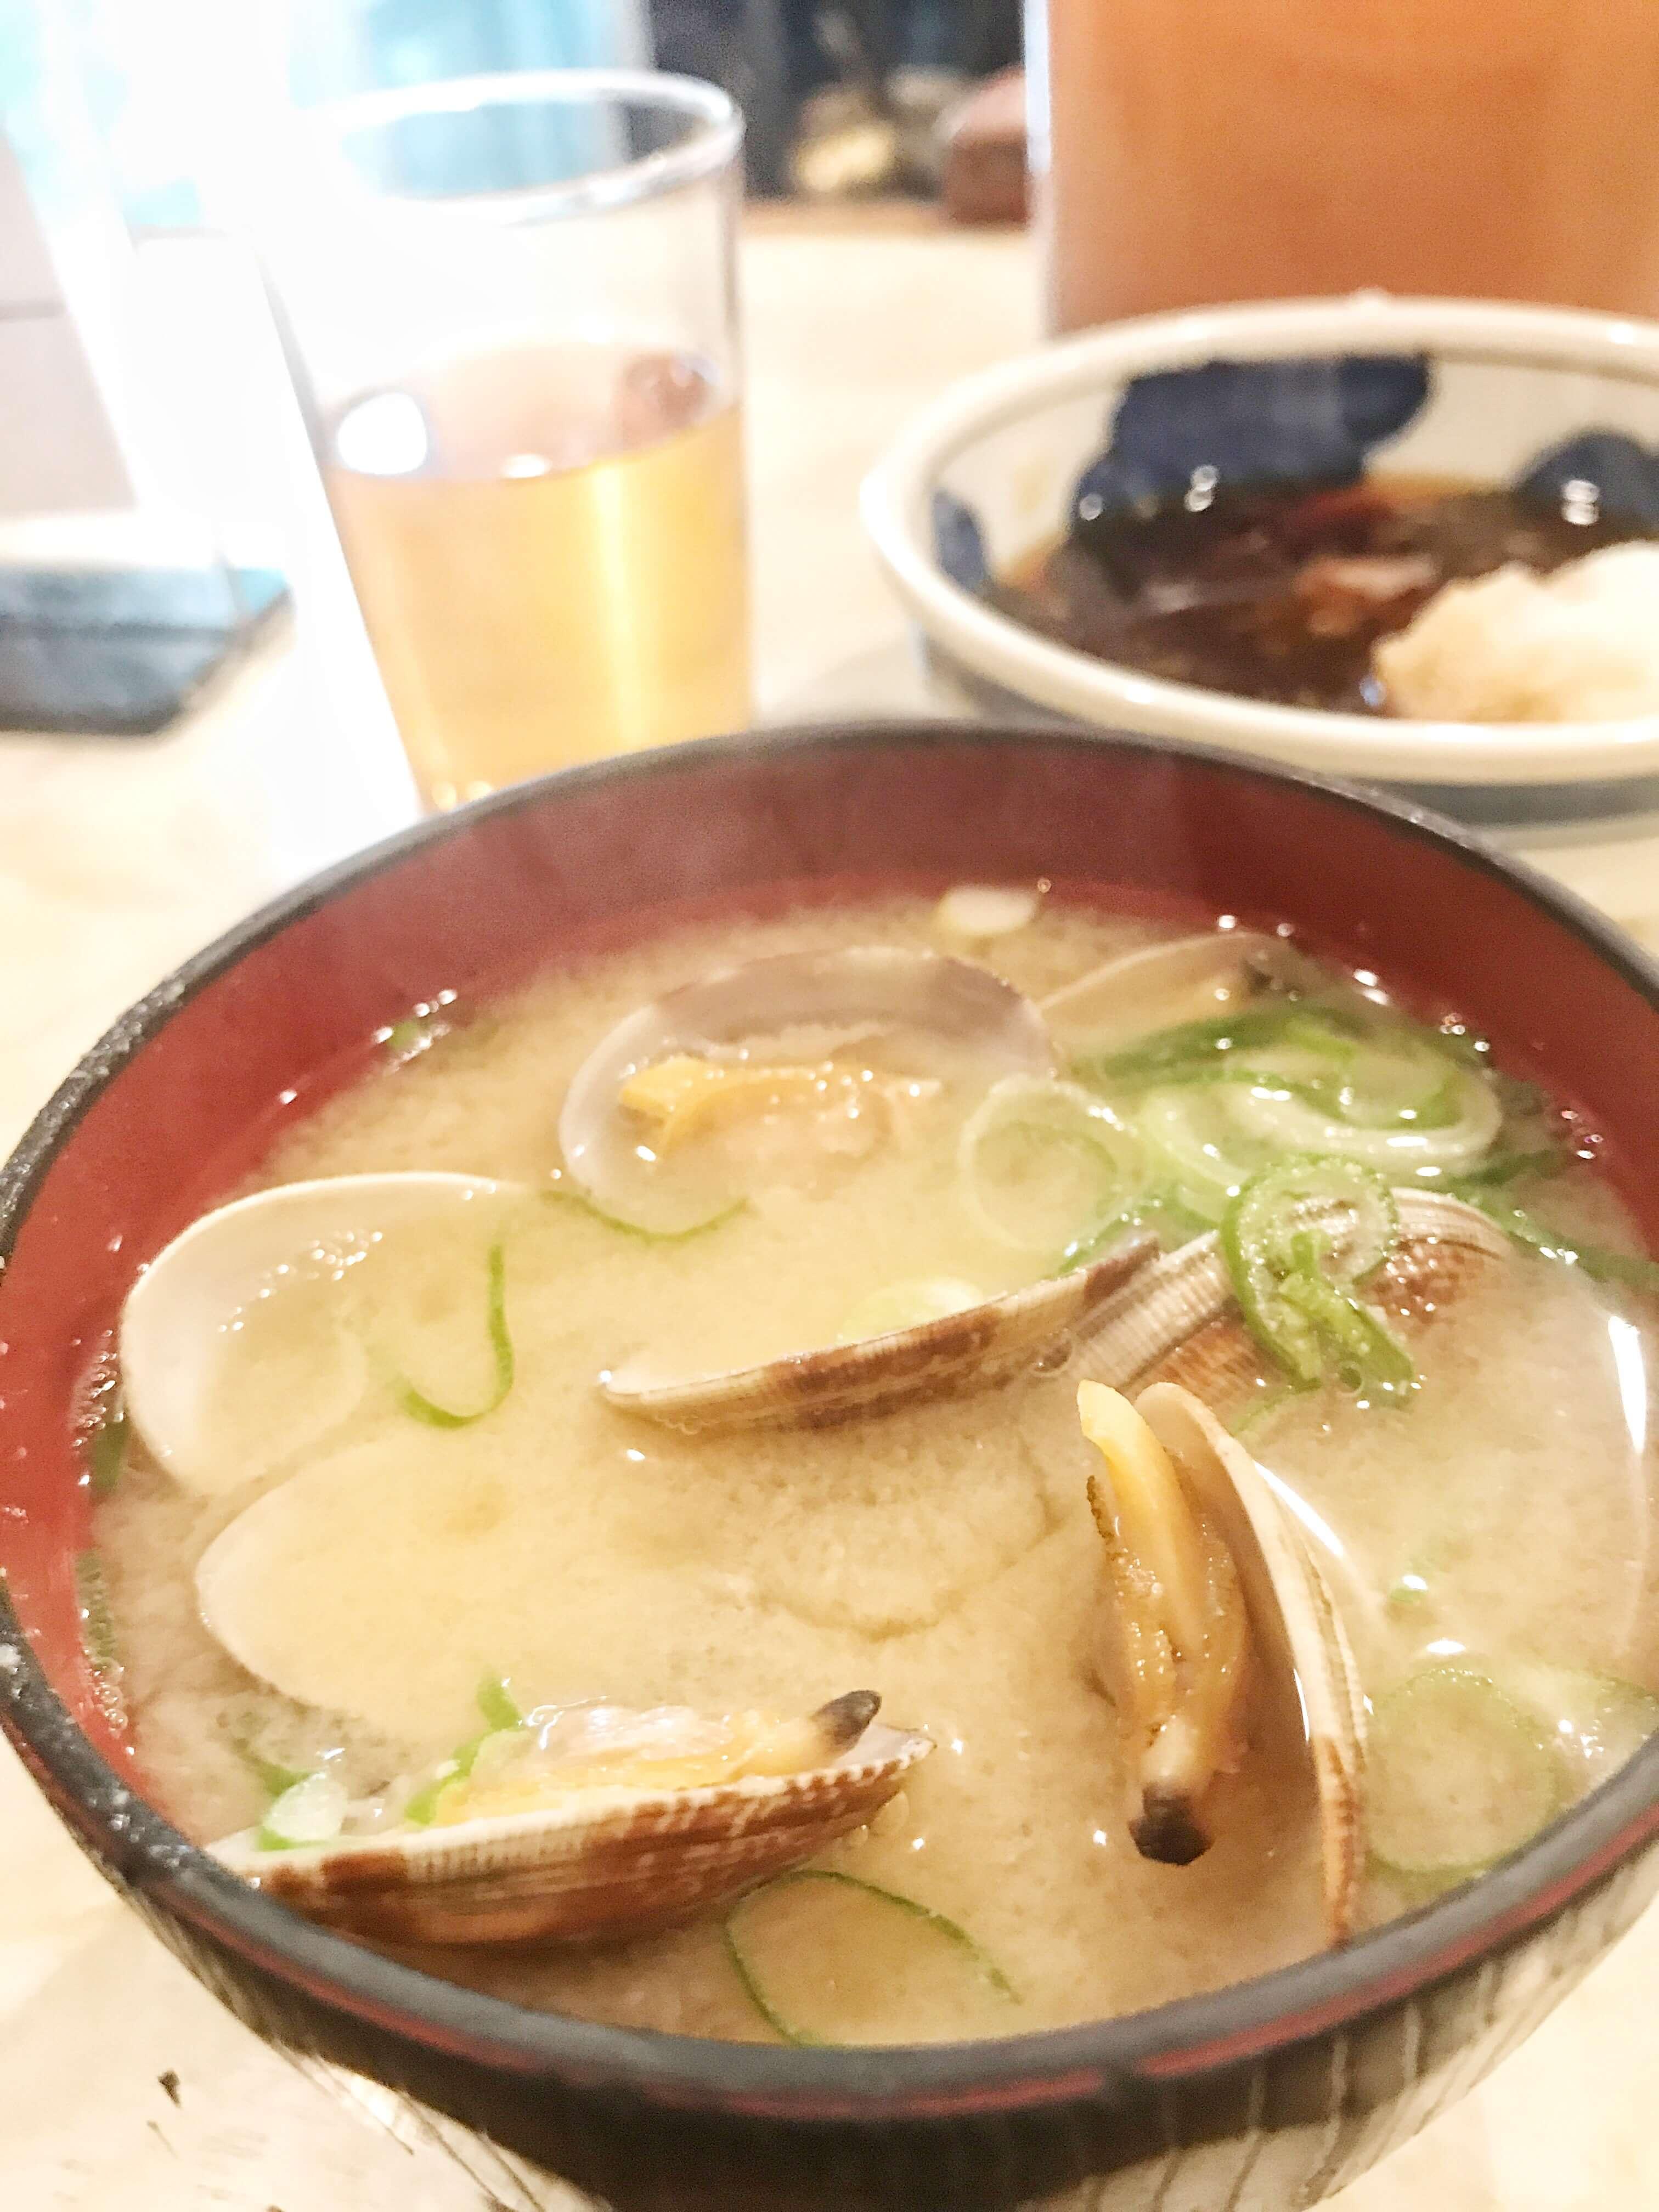 大阪、堺市にある行列のできる天ぷら屋。天ぷら大吉の名物あさり汁の写真。